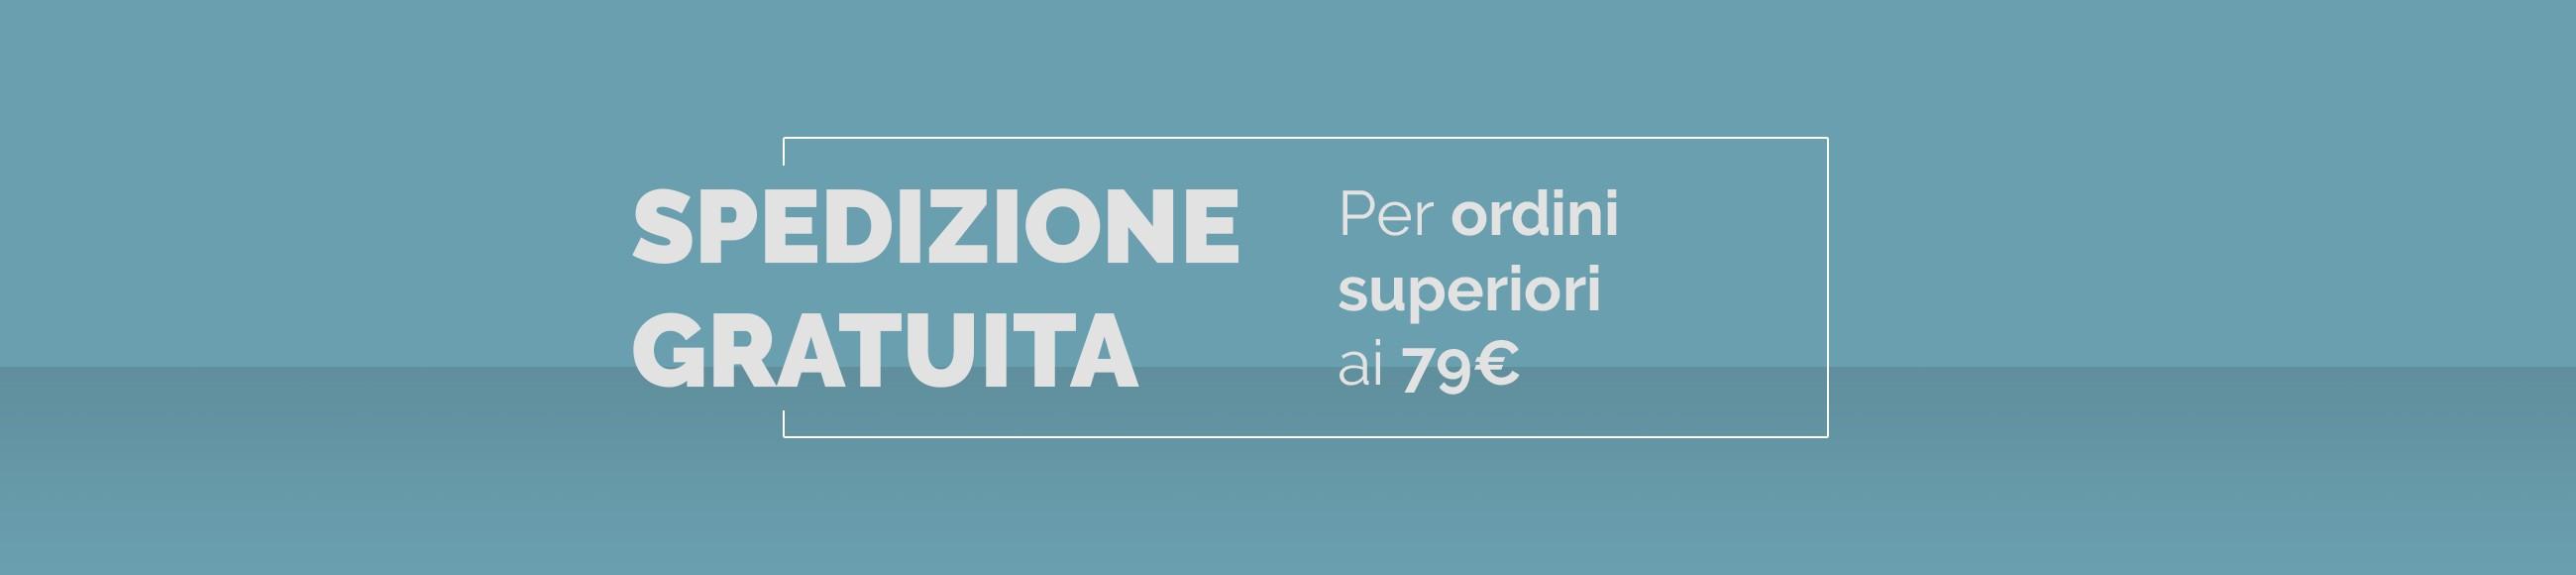 Spedizione gratuita per qualunque importo in tutta Italia